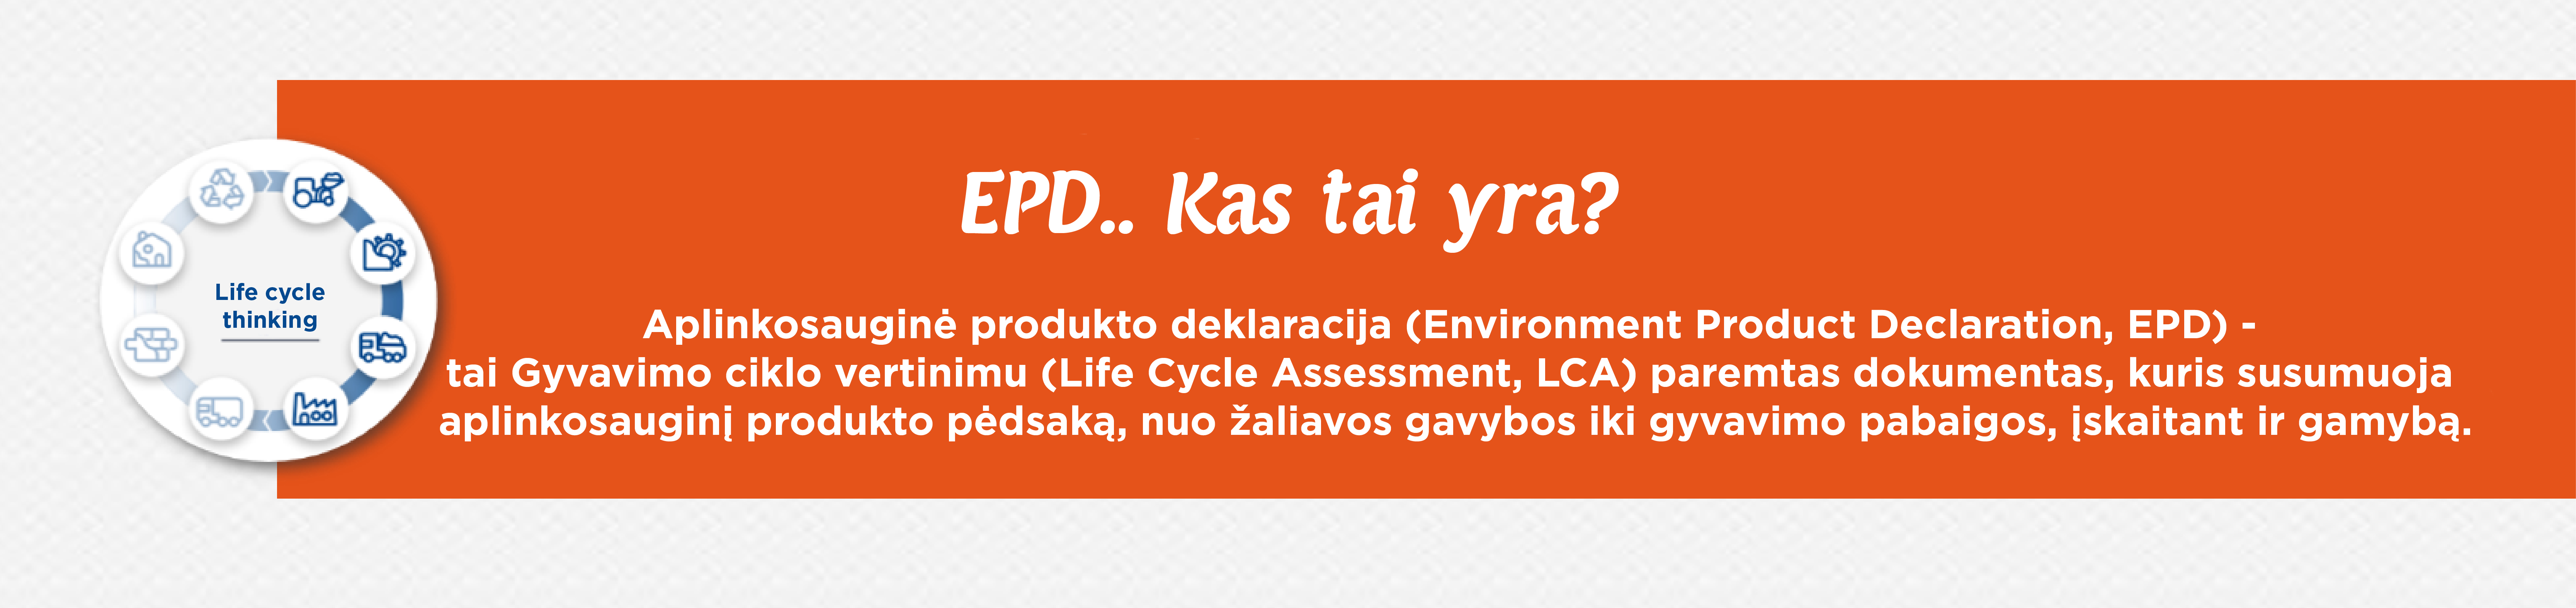 Kas yra EPD